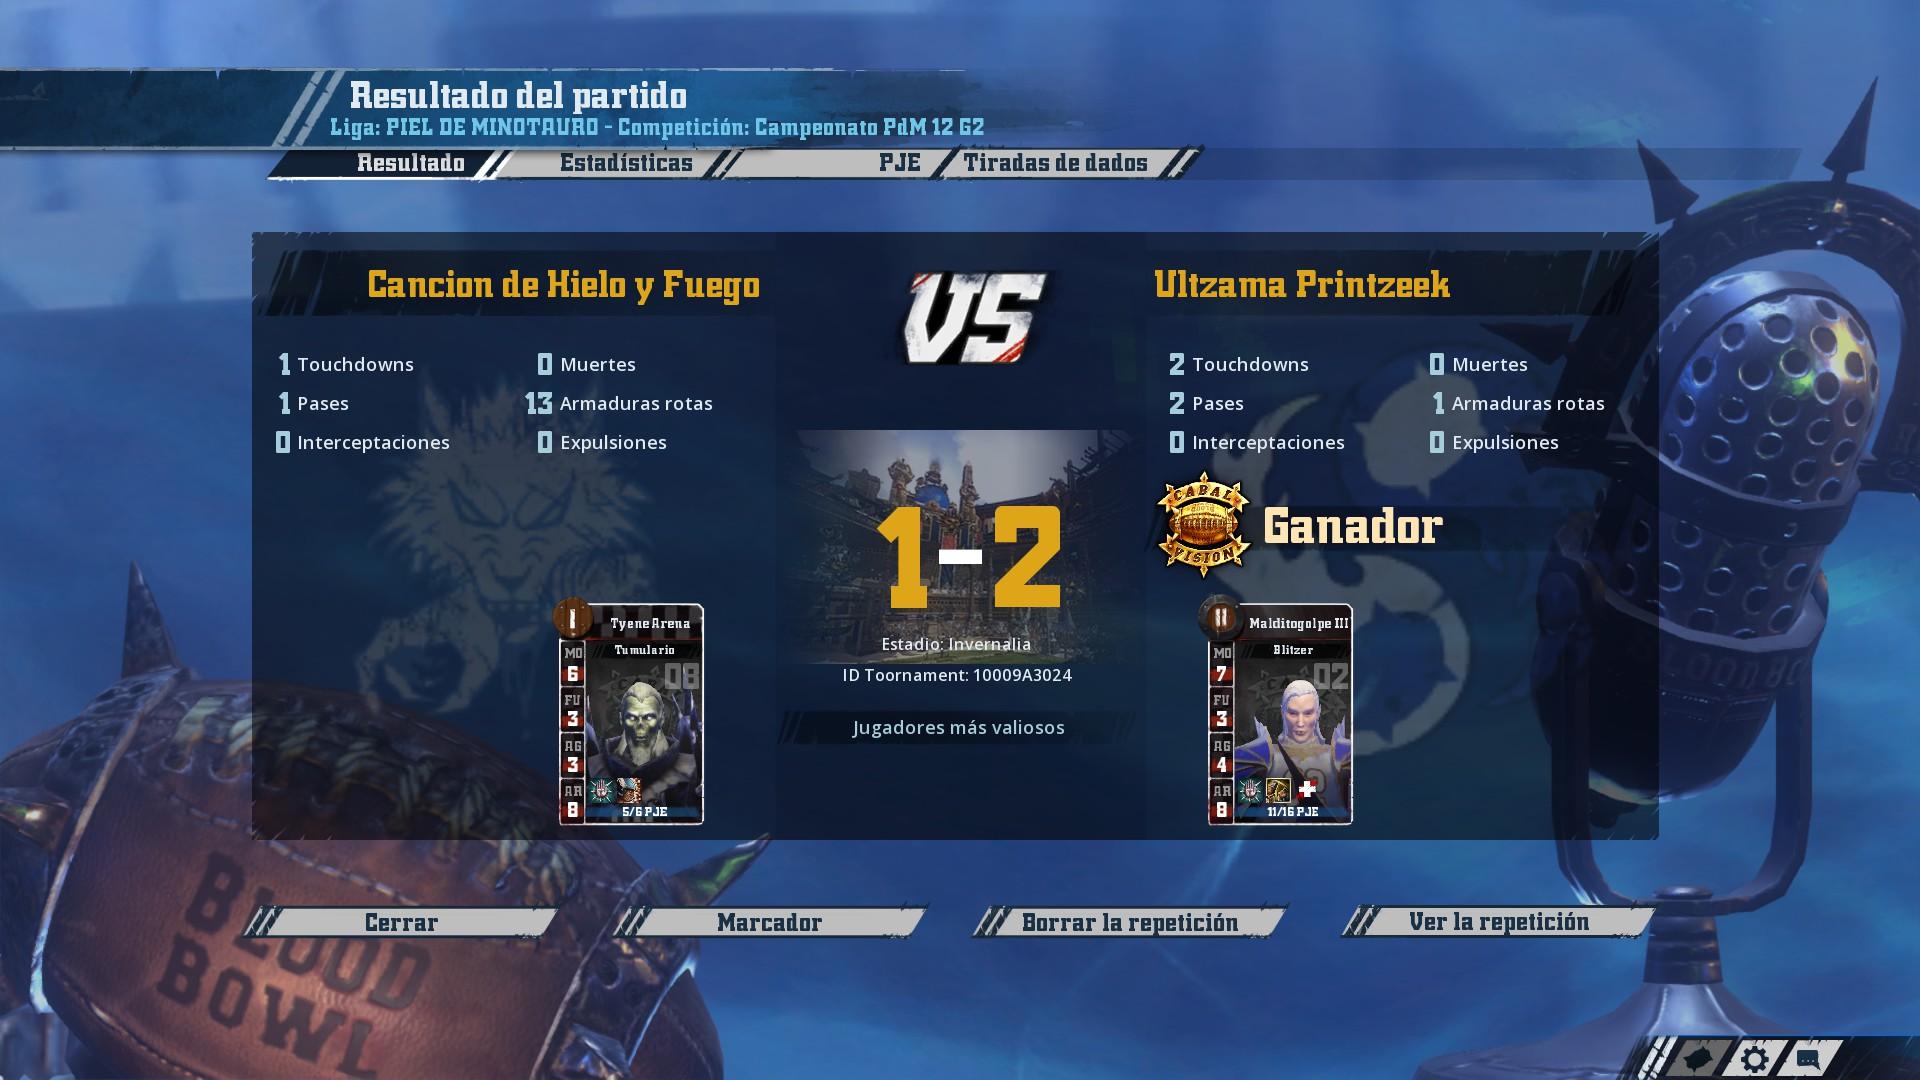 Campeonato Piel de Minotauro 12 - Grupo 2 - Jornada 6 hasta el 30 de Mayo 560C555AD46BC199A44C138564D3AABEA9771D6E